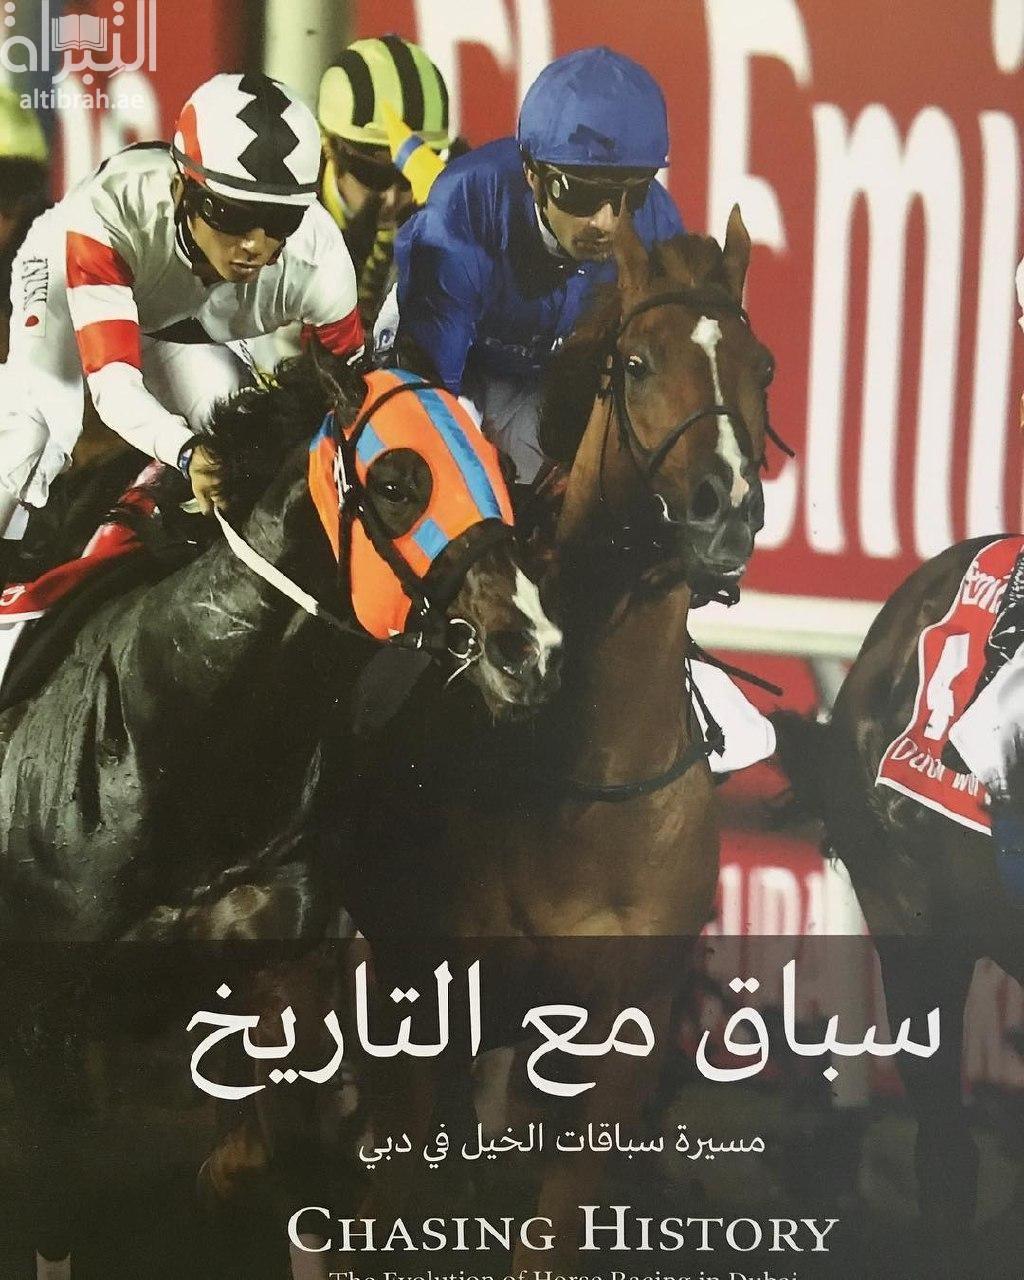 سباق مع التاريخ : مسيرة سباقات الخيل في دبي Chasing History : The Evalution of Horse Racing in Dubai